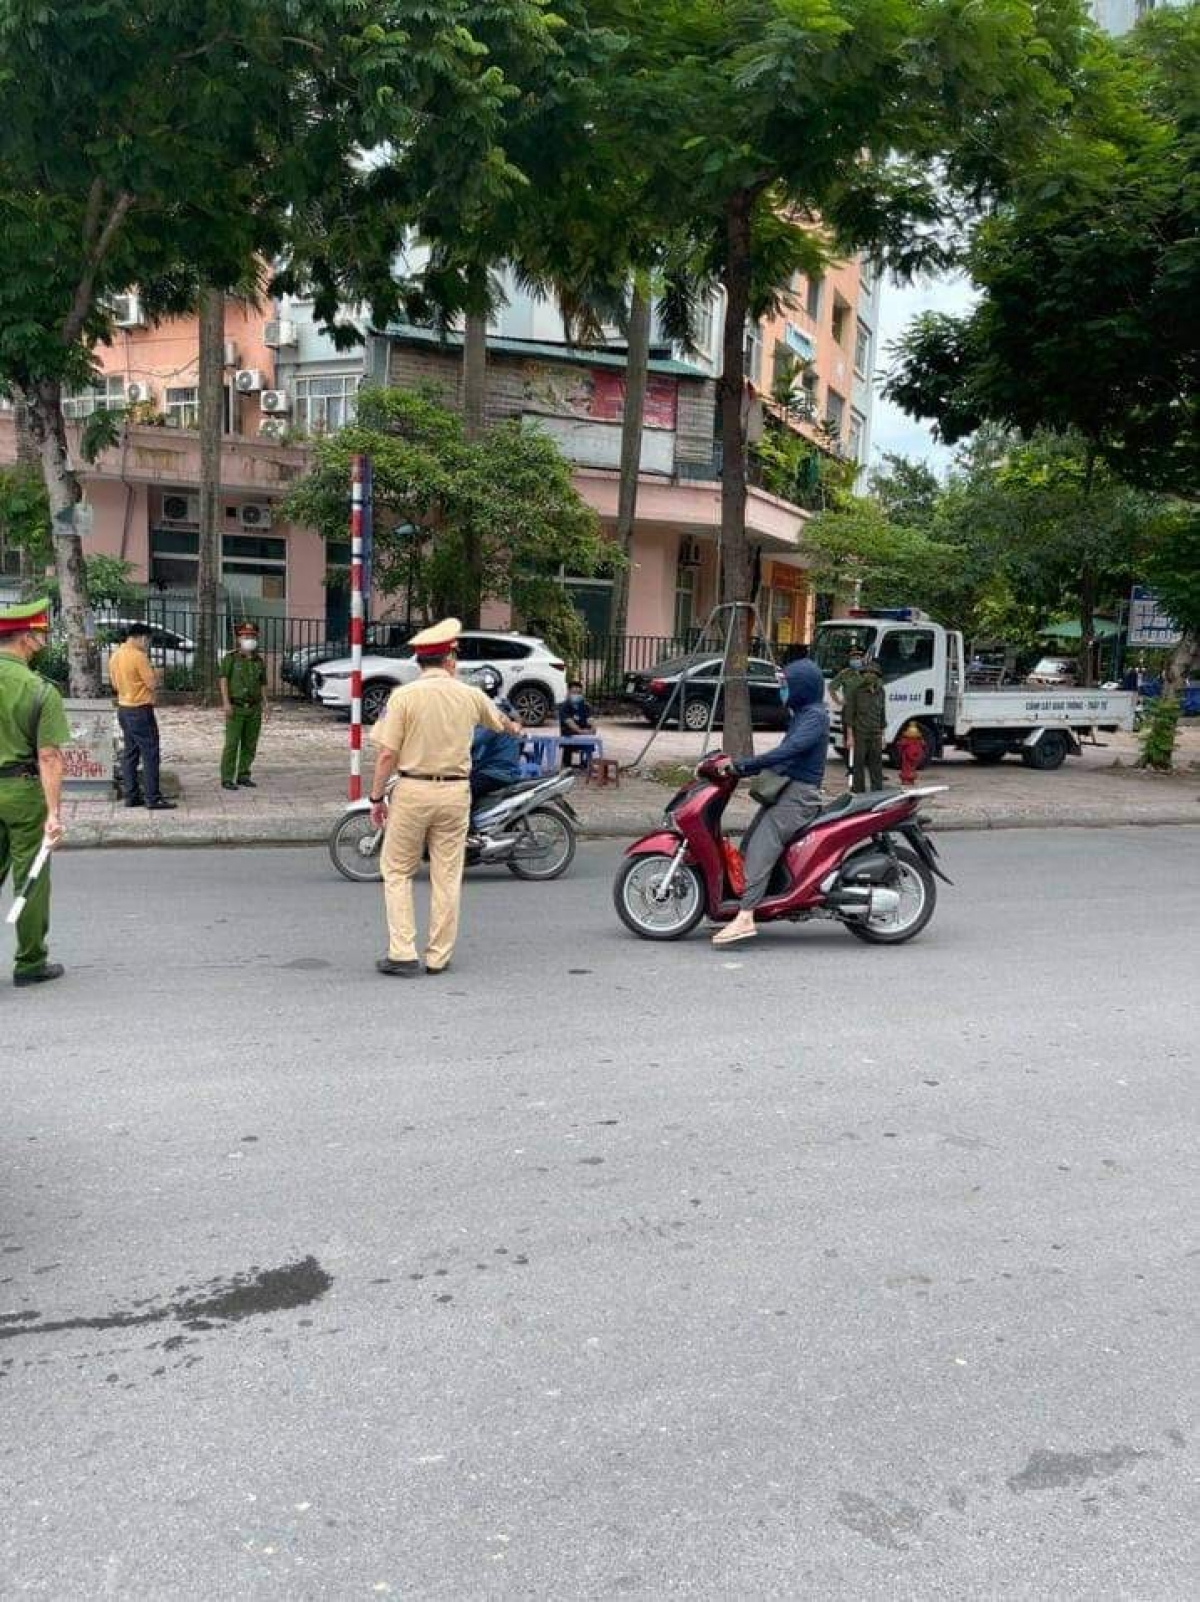 Ngày 28/7, Hà Nội xử phạt gần 900 trường hợp vi phạm với số tiền hơn 1,6 tỷ đồng.